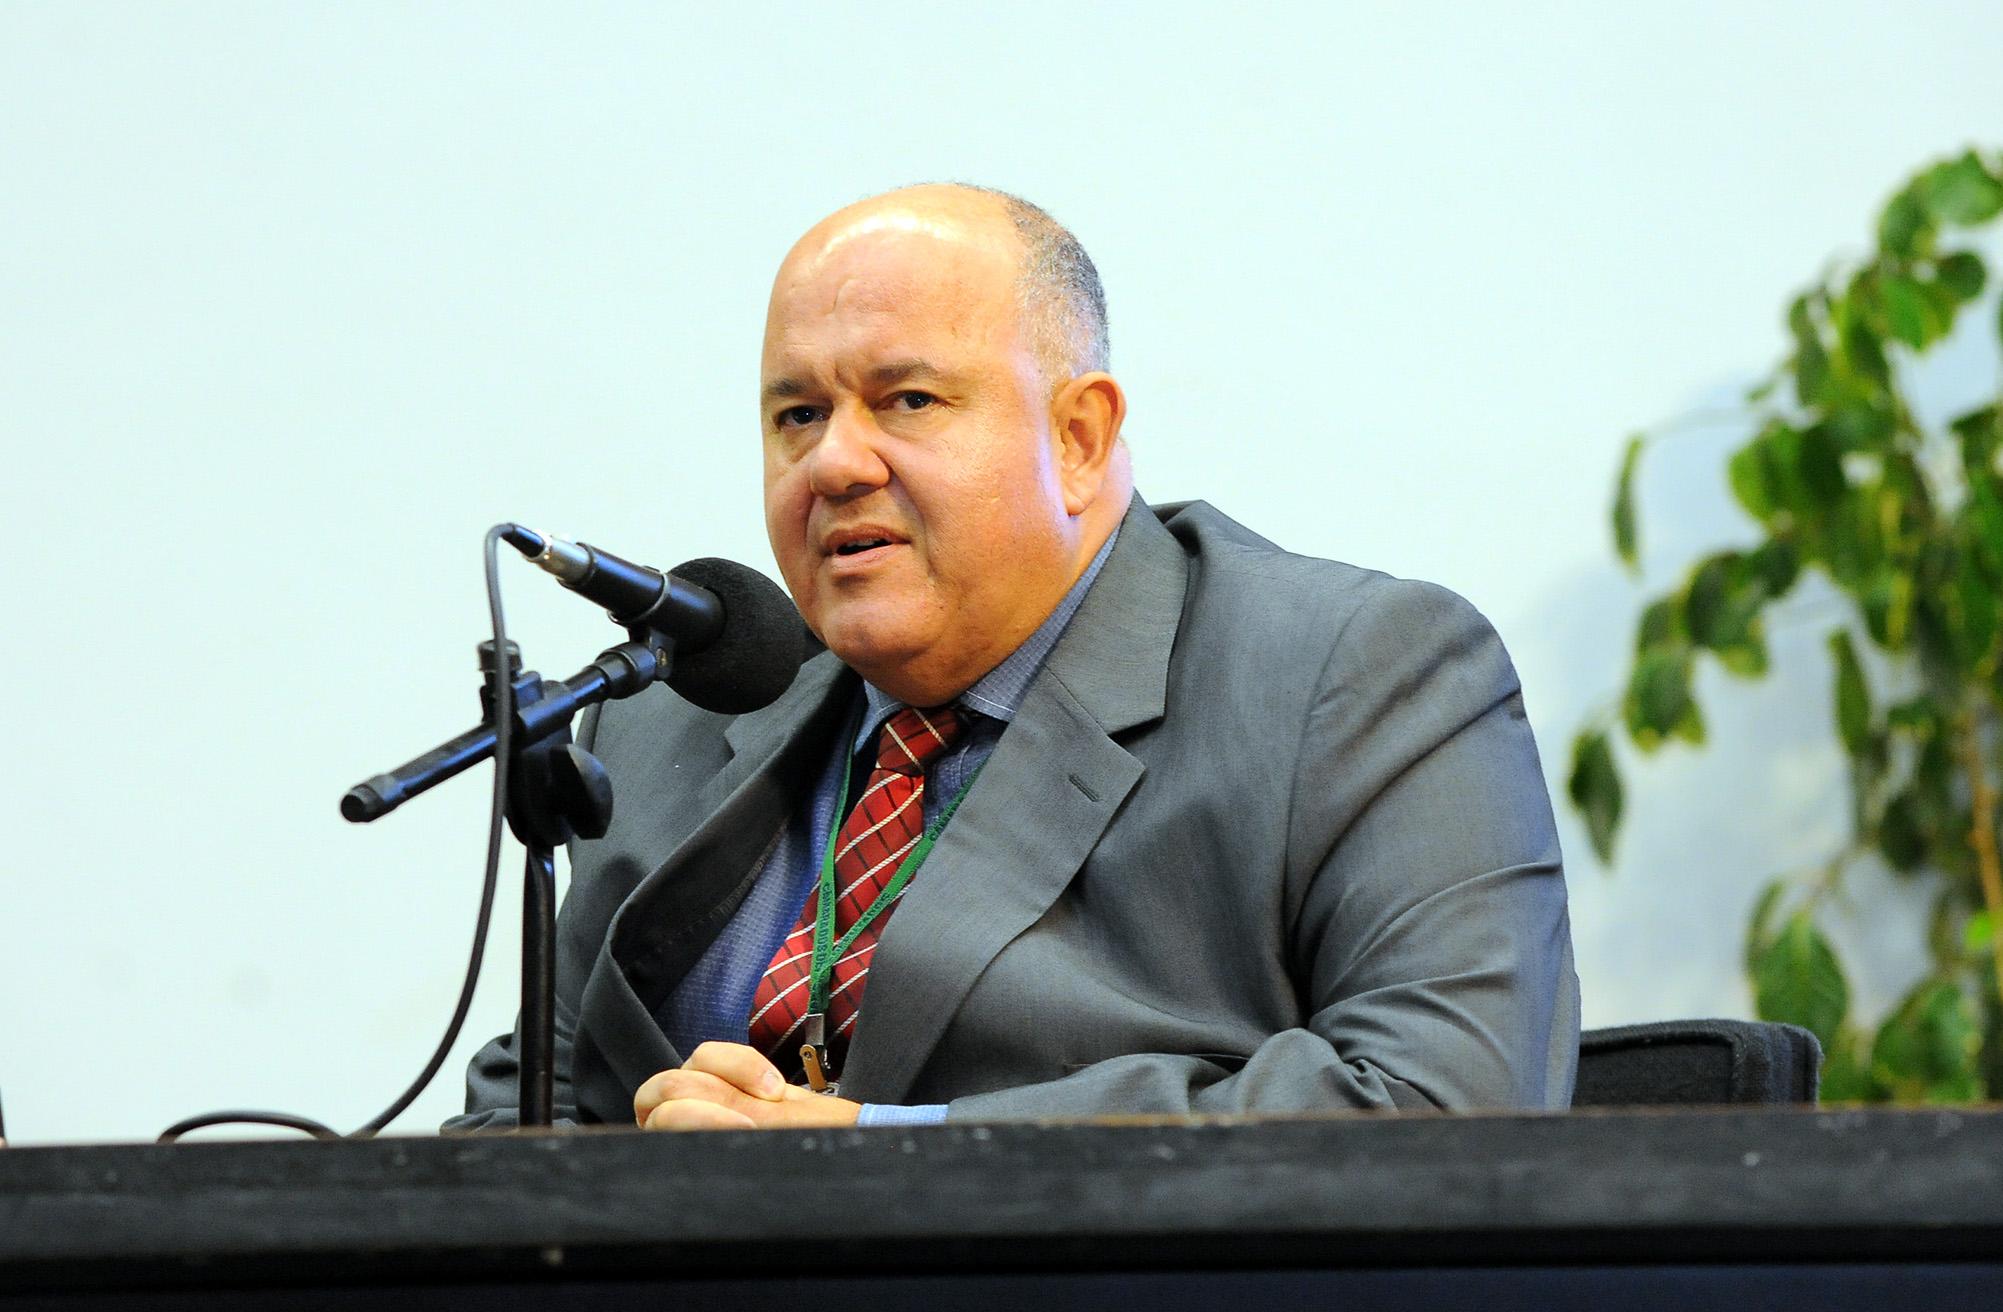 Solenidade 'O berço das águas pede socorro'. Lúcio Henrique Xavier Lopes, Diretor-Geral da Câmara dos Deputados.